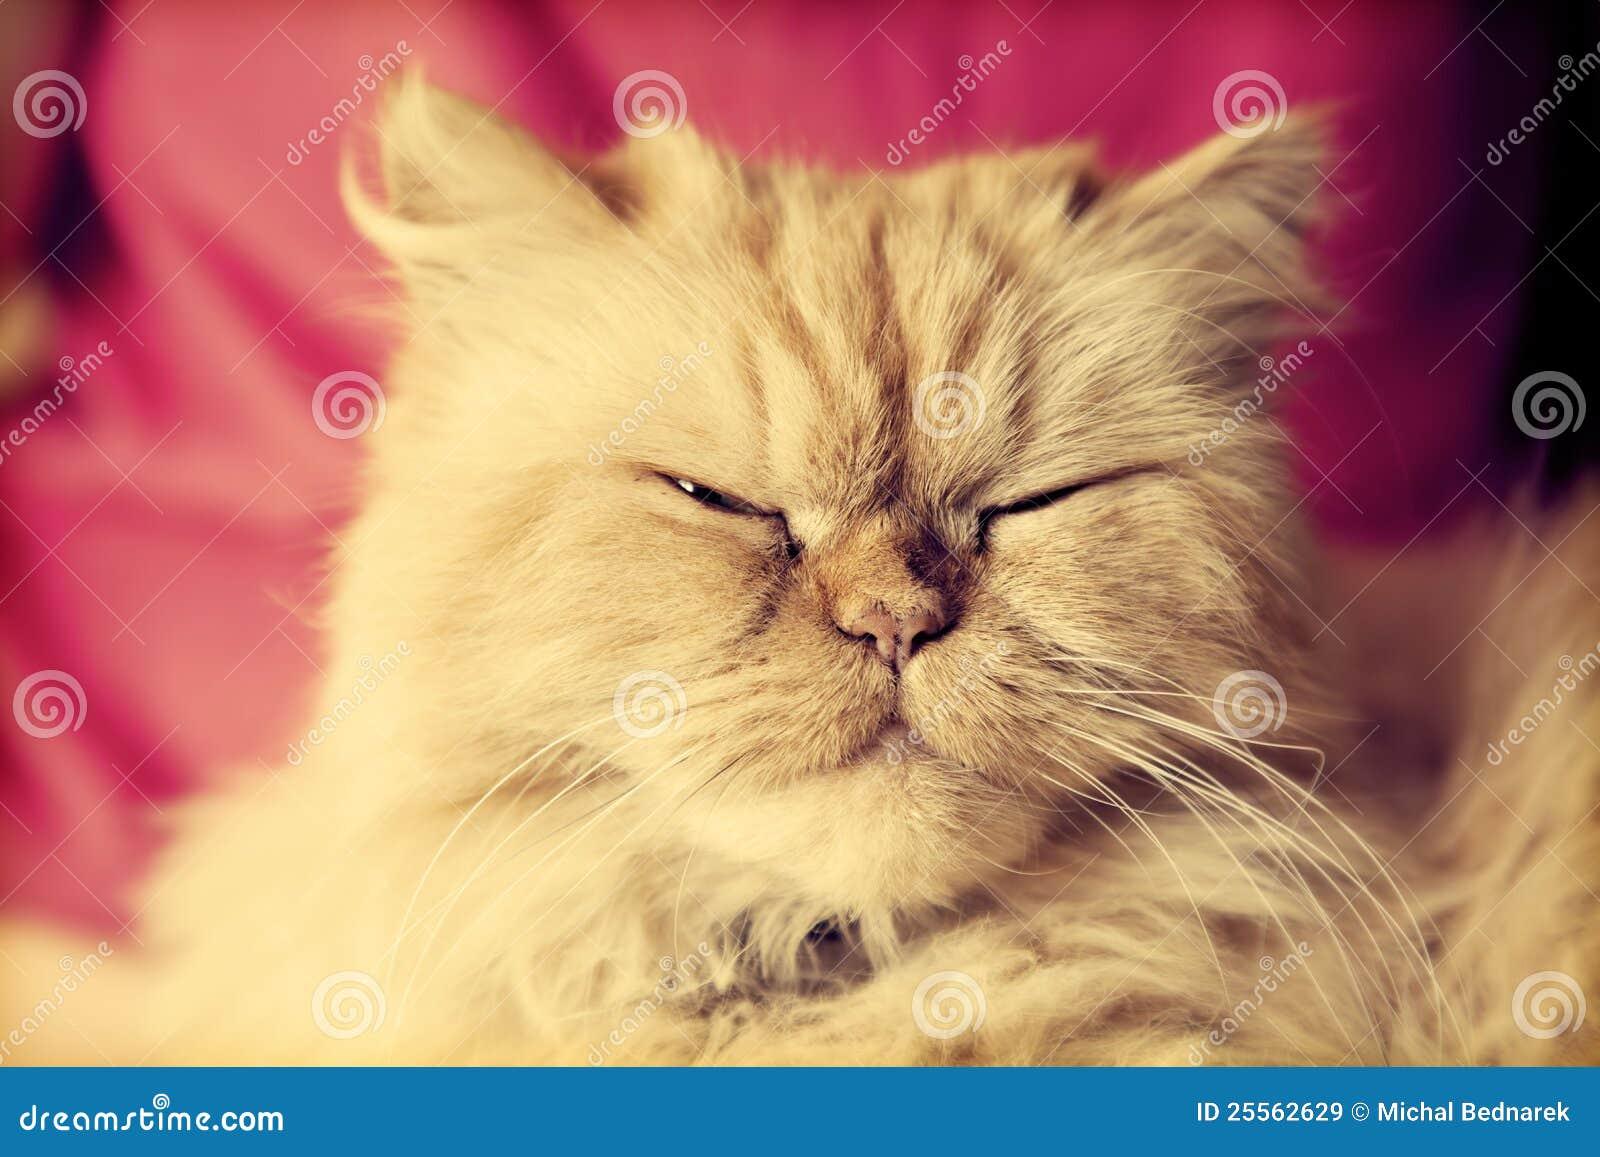 Nette persische Katze, die entspannt schaut